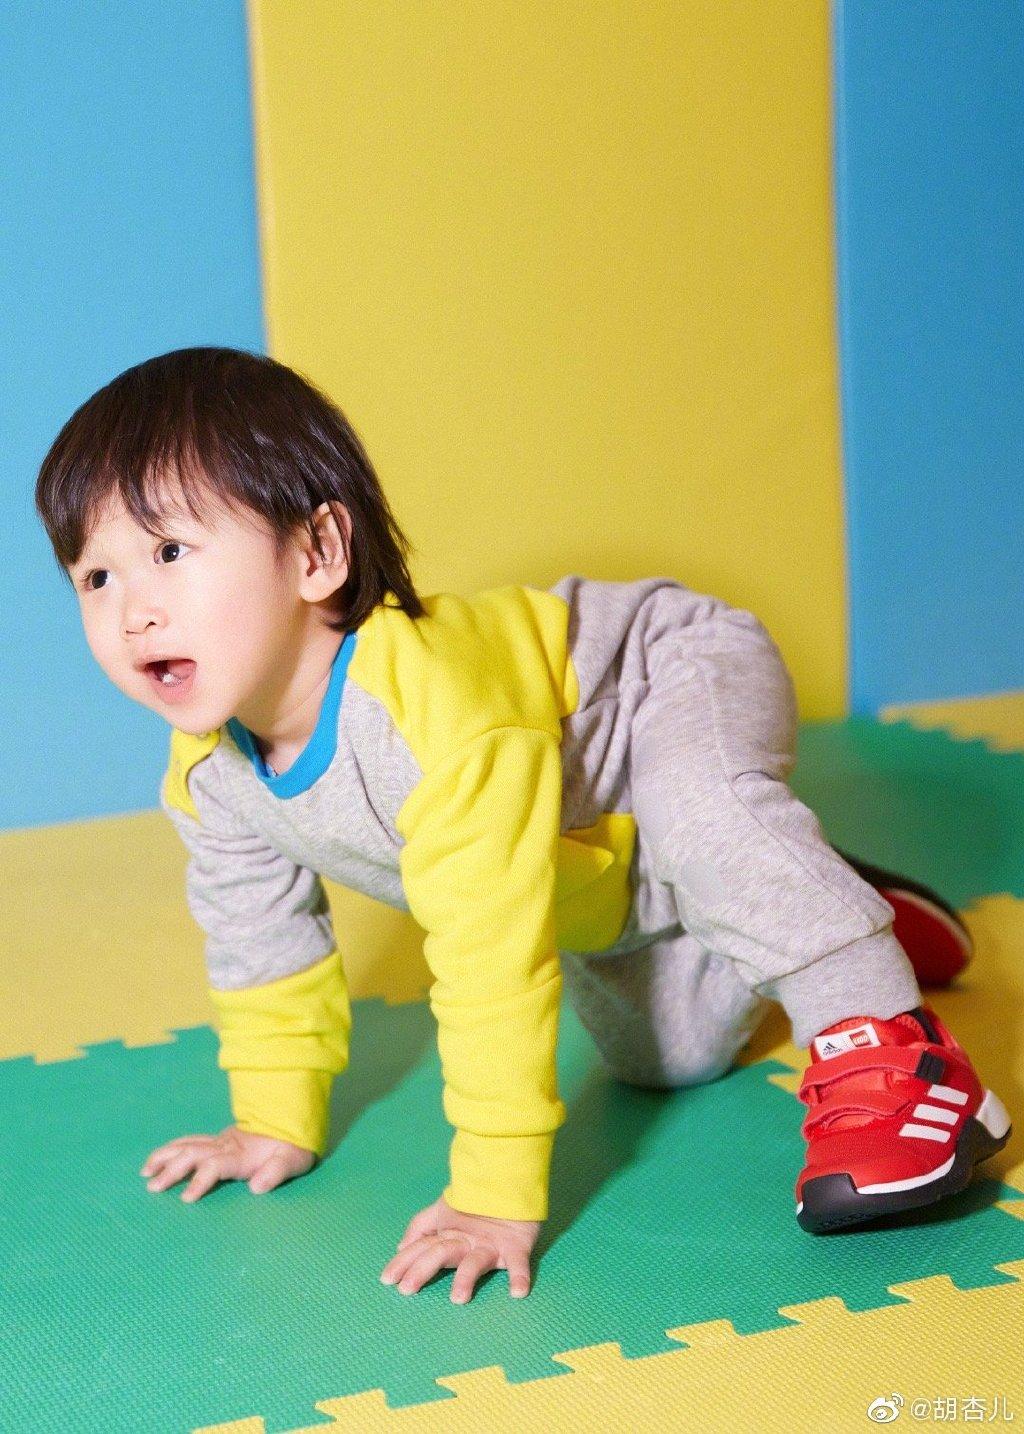 胡杏儿带小儿子玩游乐场,1岁半李奕霖痞帅大气,比哥哥有明星相